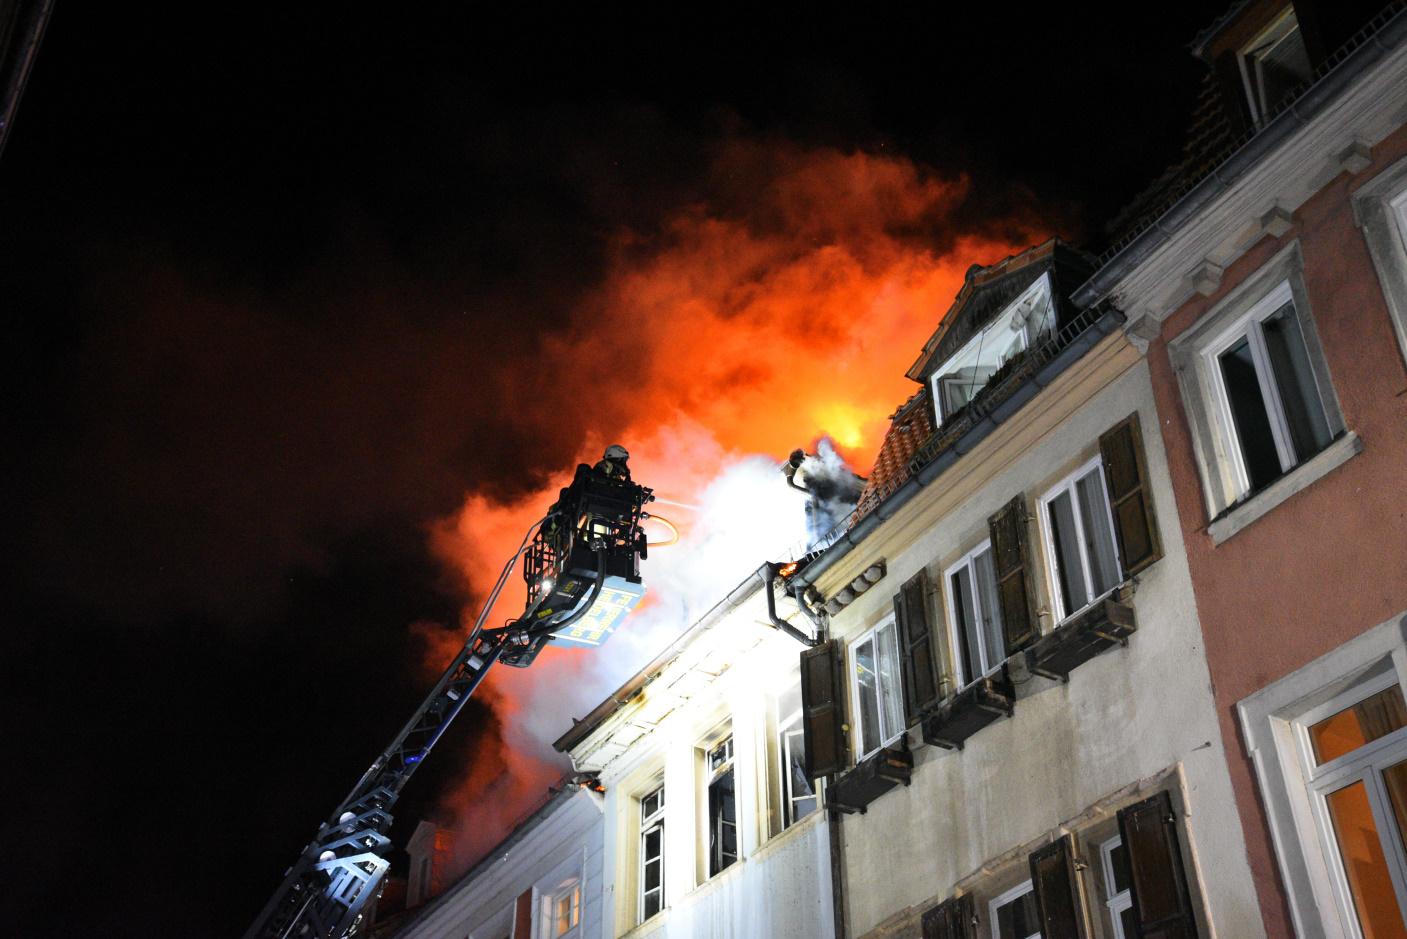 Heidelberg: Brand in Heidelberger Altstadt - drei Häuser derzeit unbewohnbar - Brandort beschlagnahmt - Kripo ermittelt